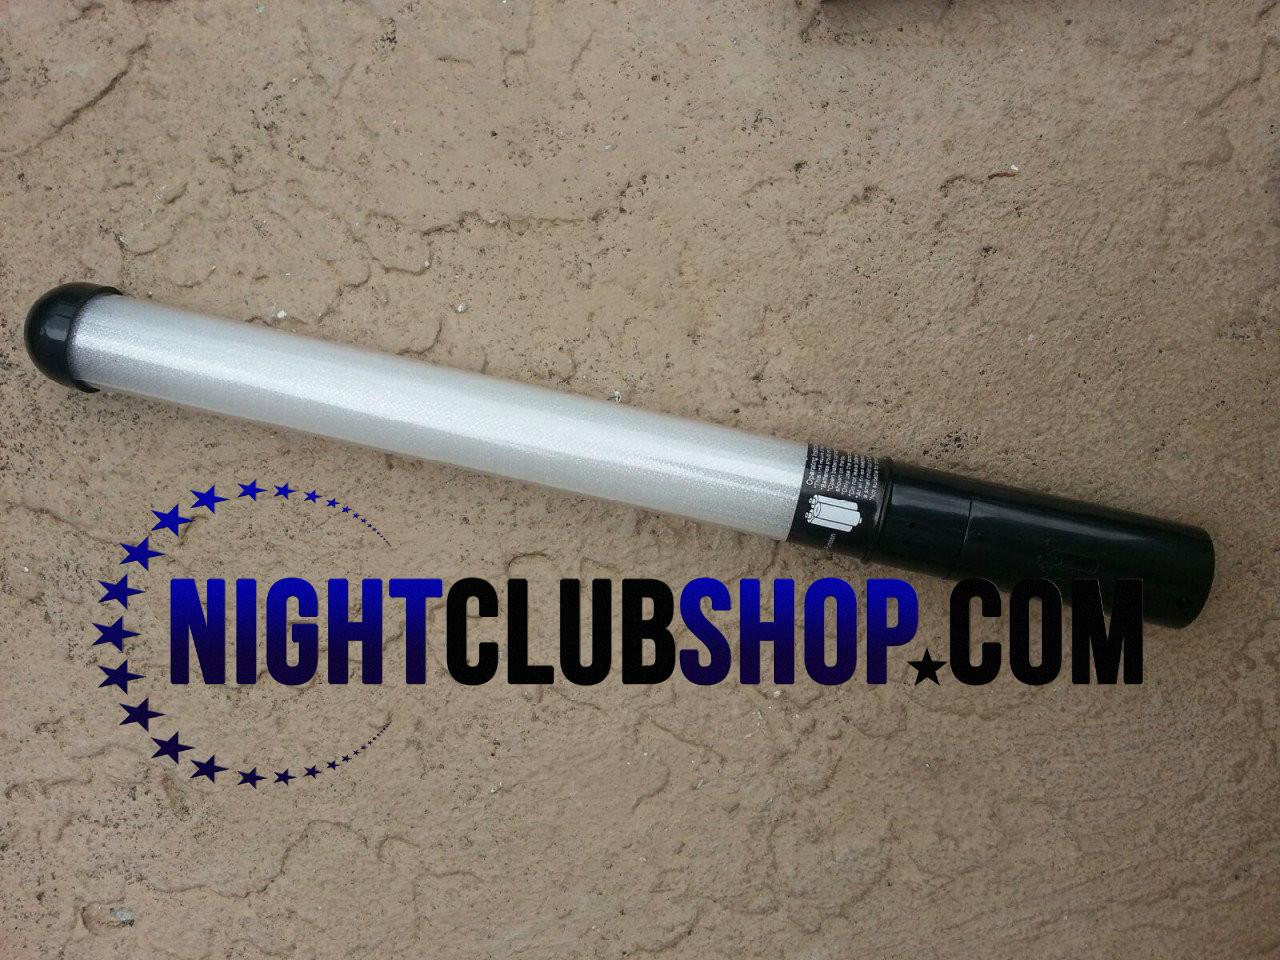 LED, WAND, STICK, PLASTIC, Battery powered, Nightclub, RGB, Foam stick, LED Toy, LED club, rave, EDM, House, Electro, Prop,